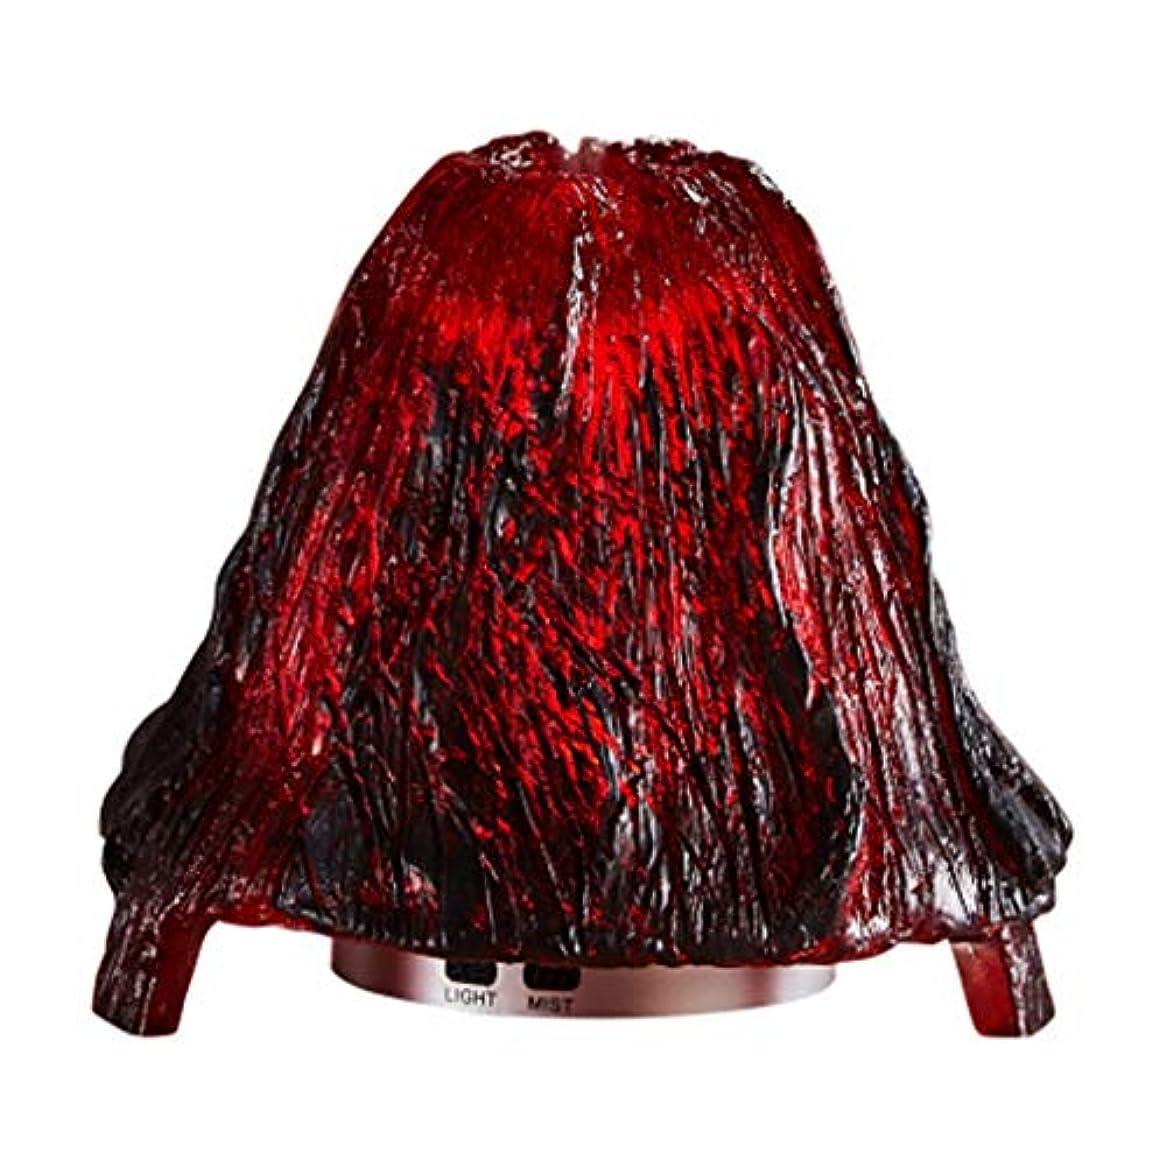 軽量わがまま君主制クールミスト加湿器ミスト100mlディフューザーディフューザー7色LEDライト/ウォーターレス自動シャットダウン(火山) (Color : Red)